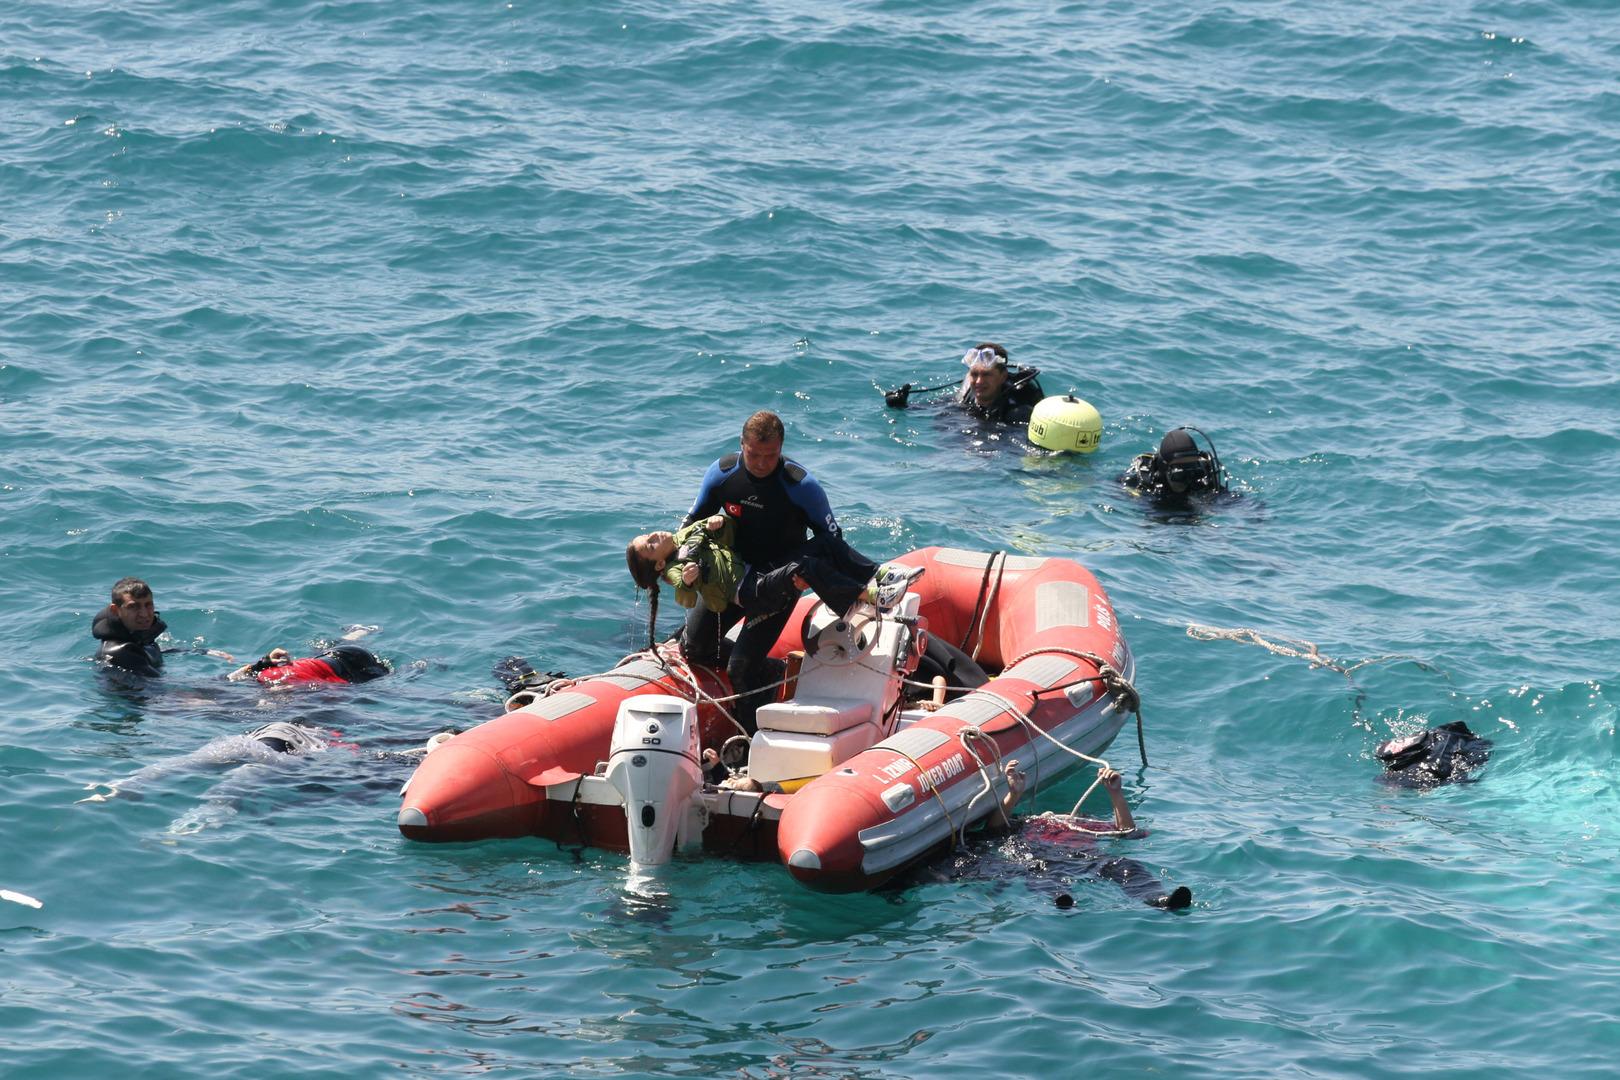 إيطاليا.. وقف قارب صيد يحمل 89 مهاجرا